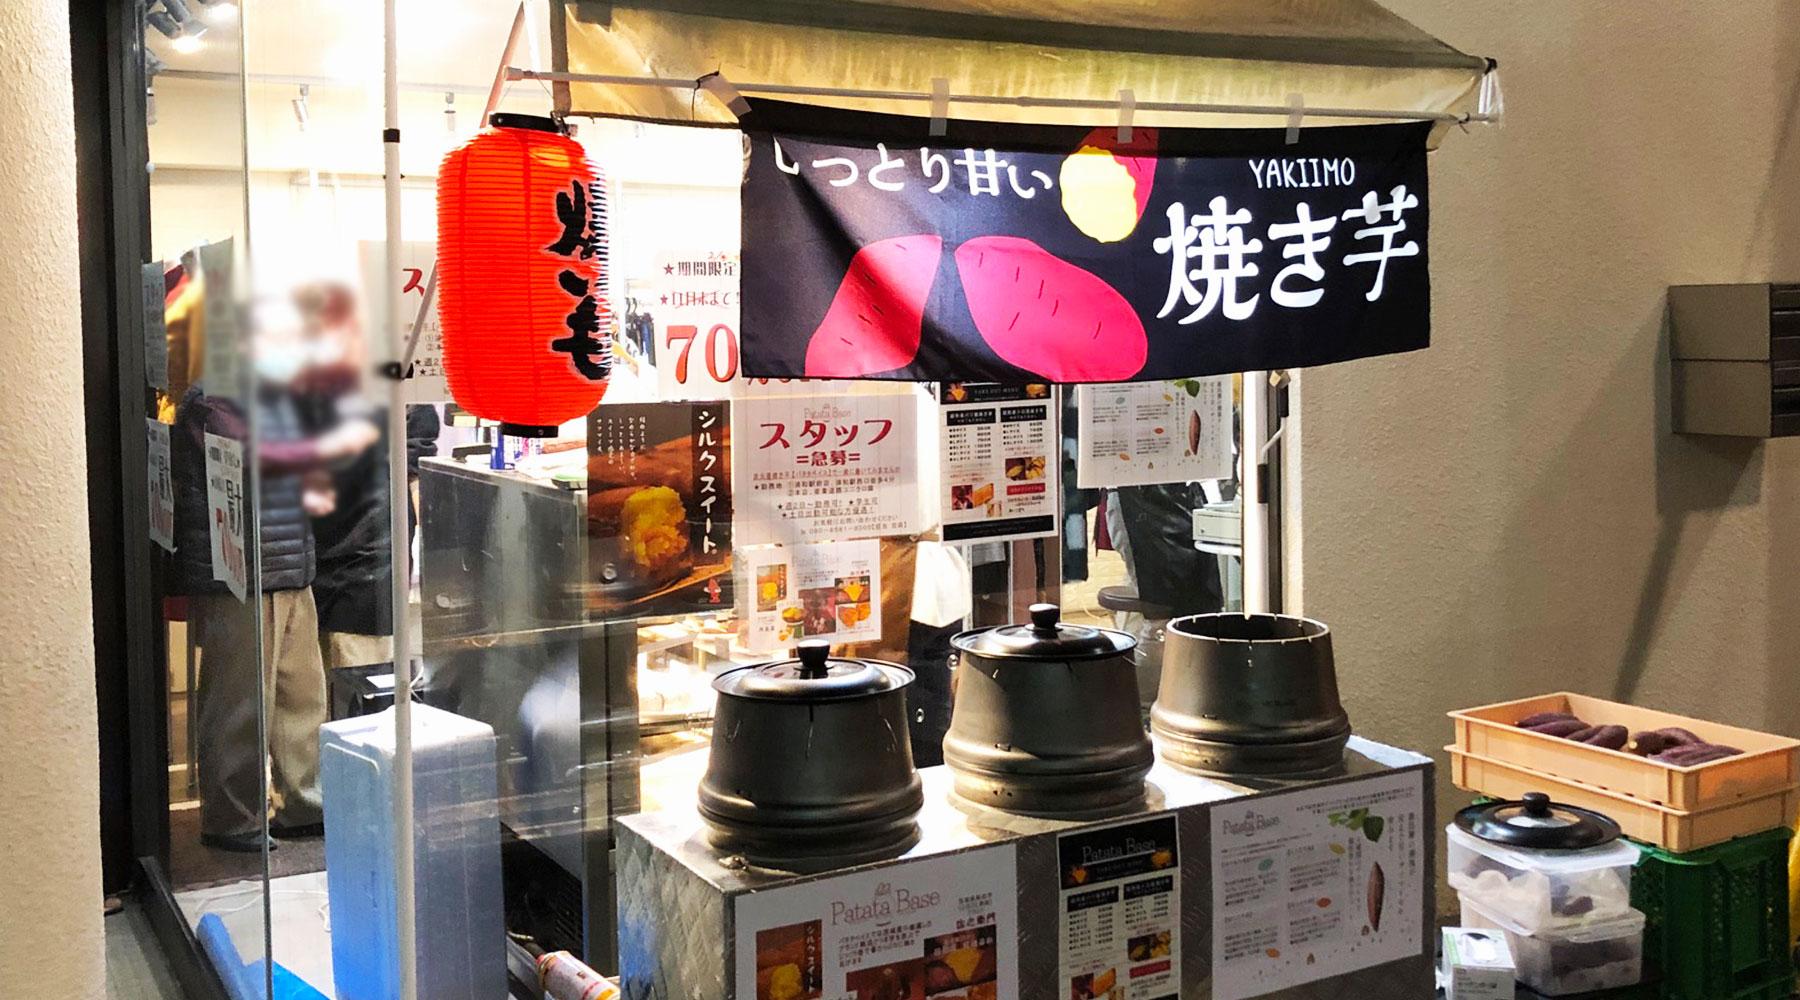 パタタベイス浦和駅前店・外の焼き芋屋台